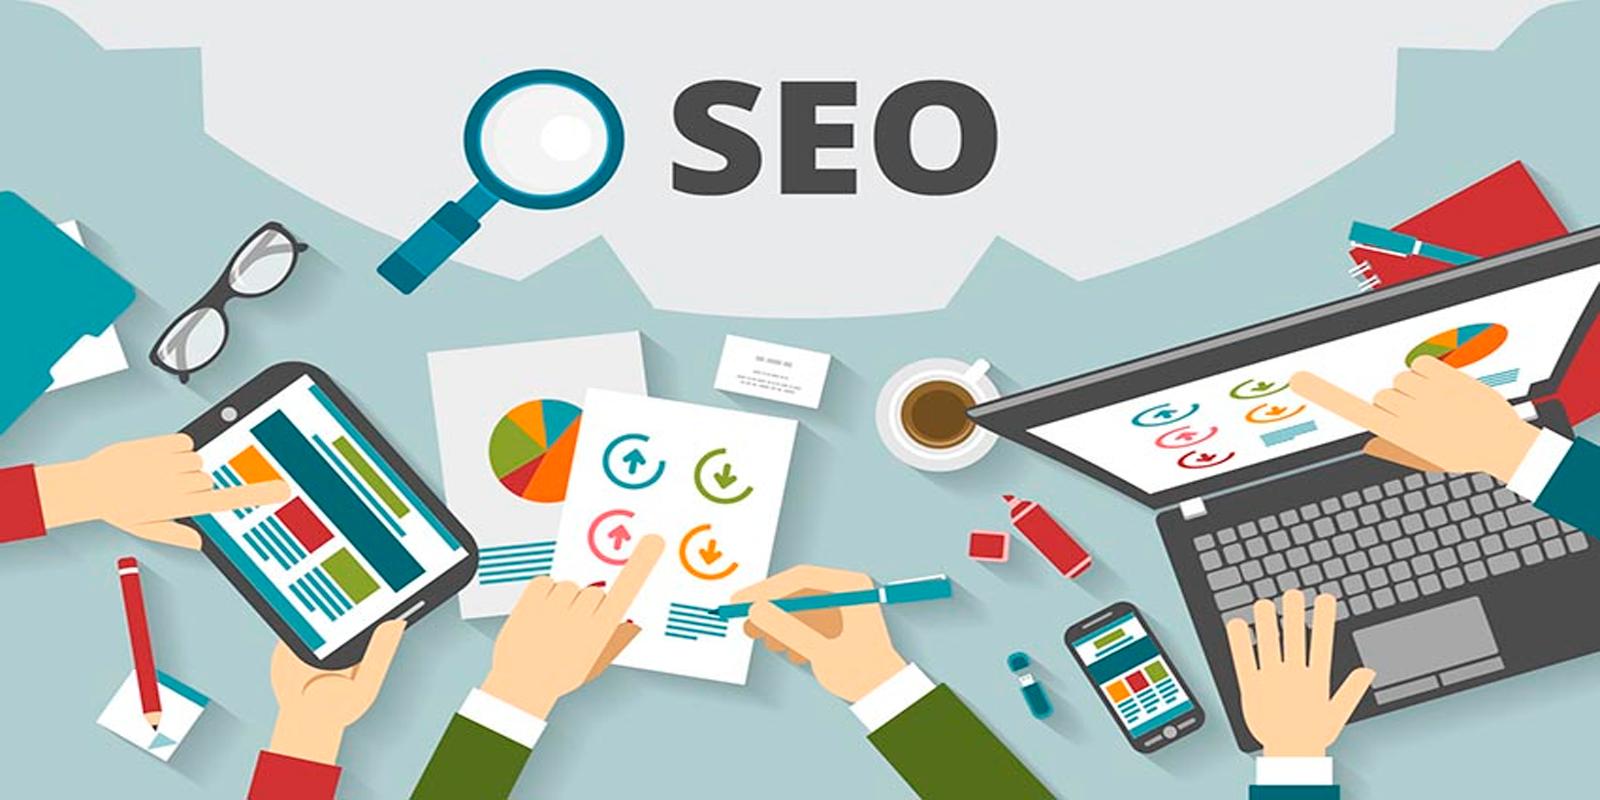 Porque é importante um trabalho de SEO(Search Engine Optimization) em seu site